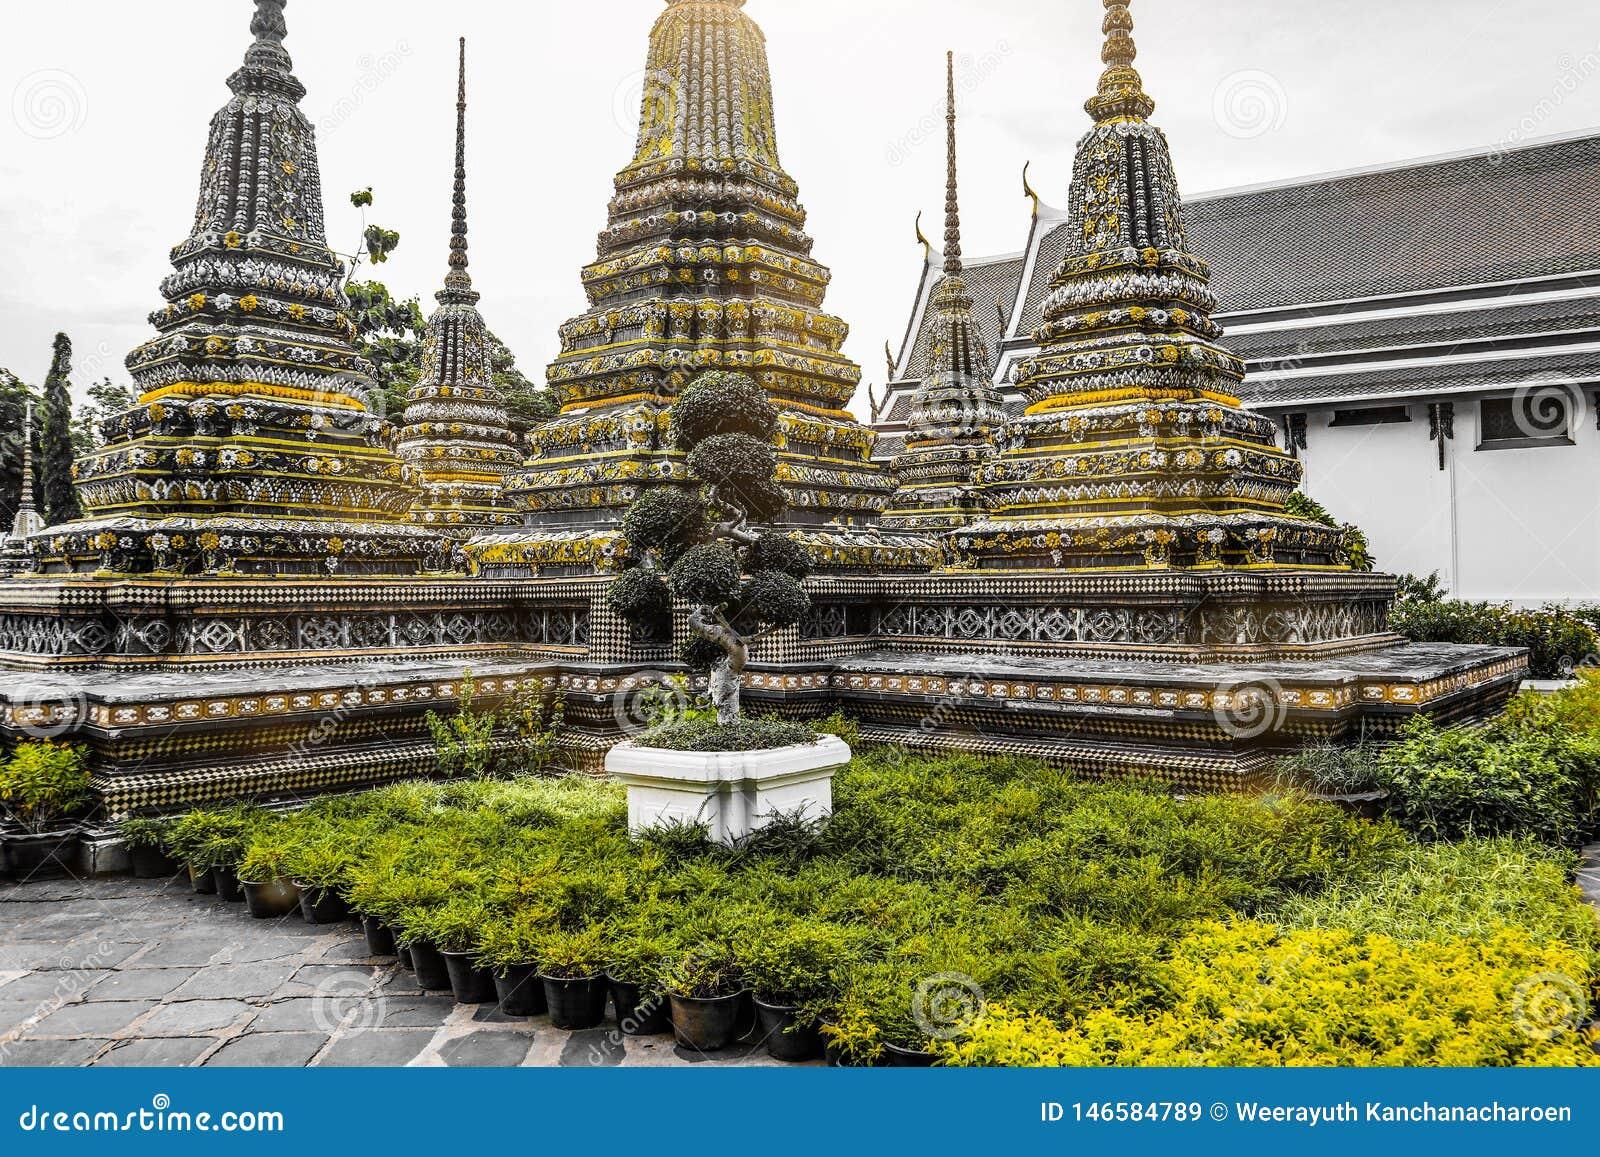 Wat Pho Temple da Buda de reclina??o, ou Wat Phra Chetuphon, s?o ficados situado atr?s do templo de Emerald Buddha e a dever-faz